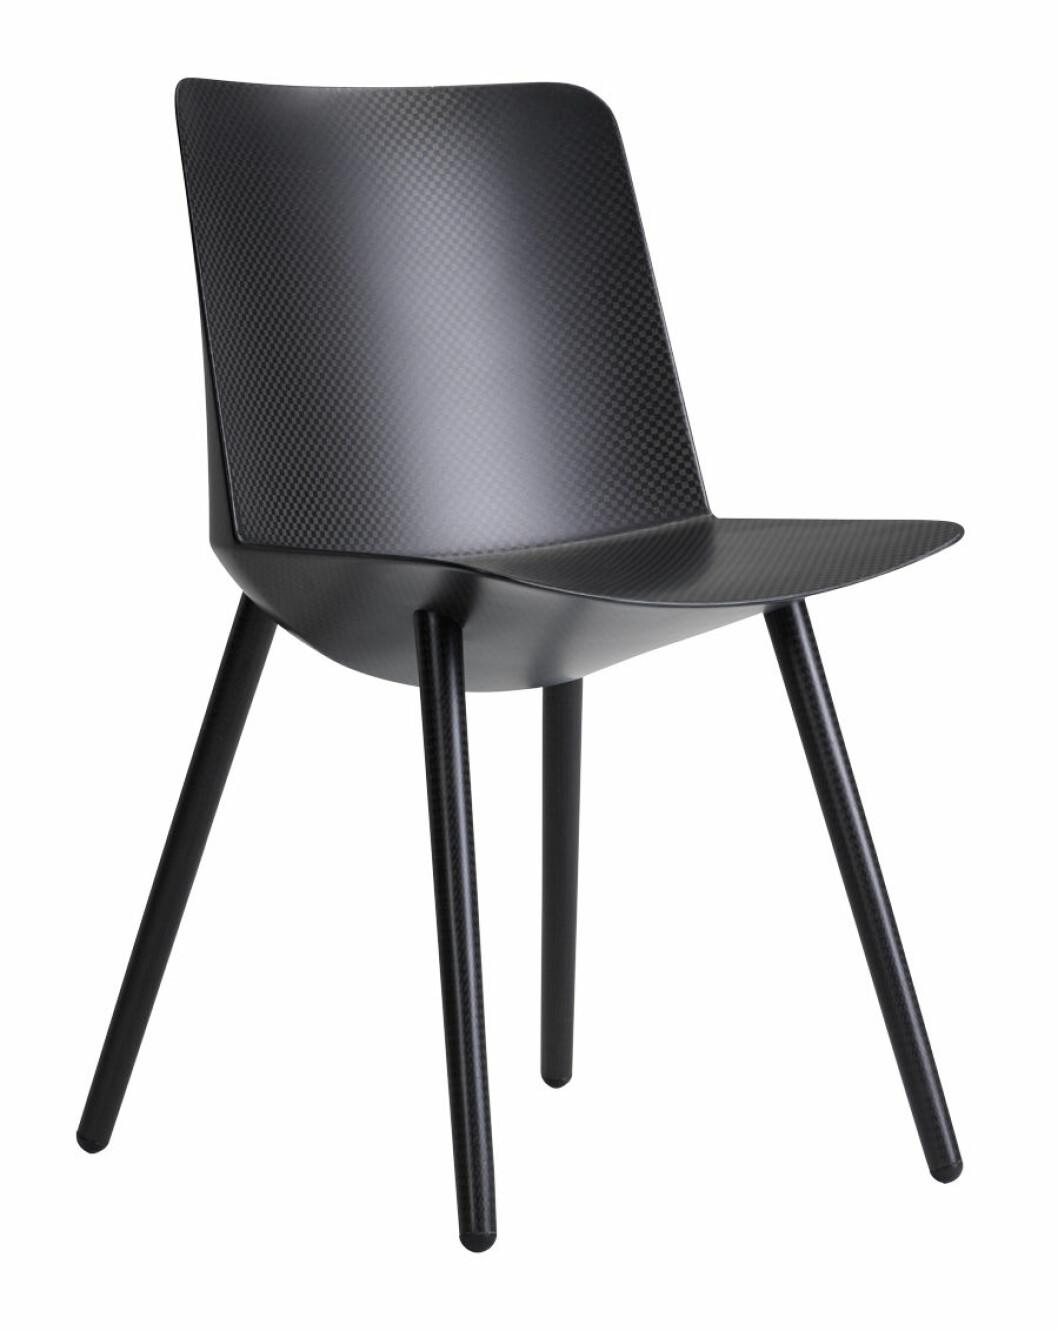 Svart stol gjord av lin